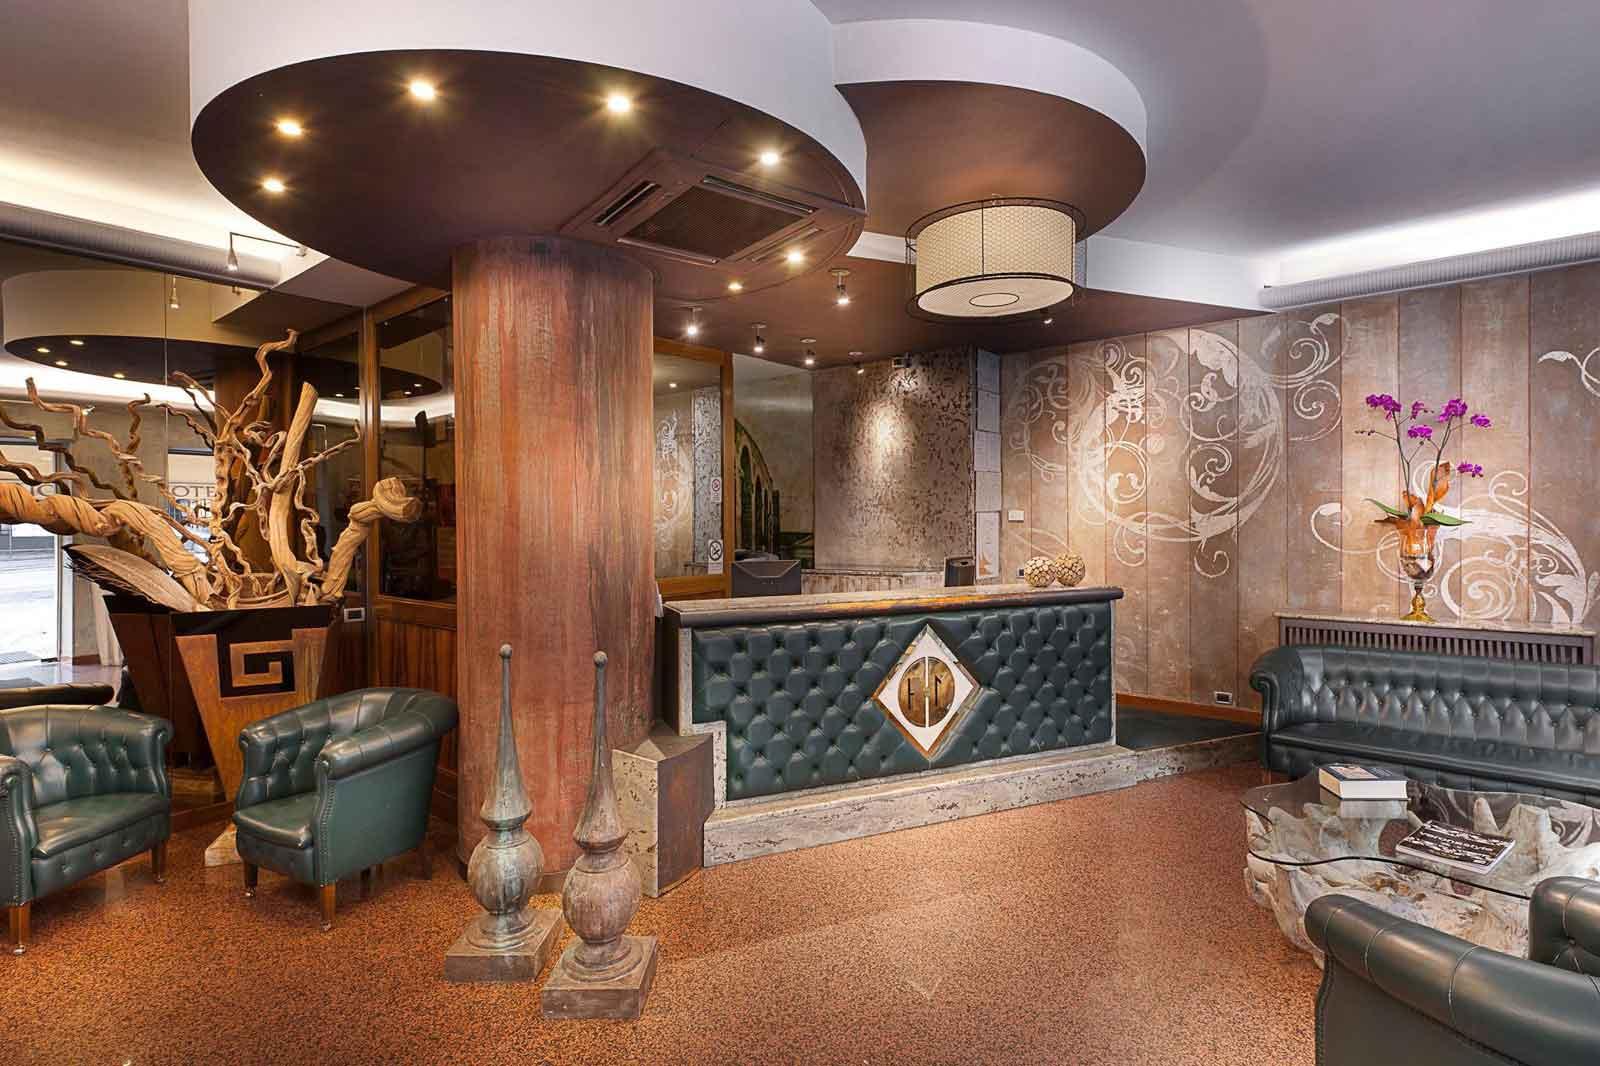 Hotel Mastino, Verona Italy